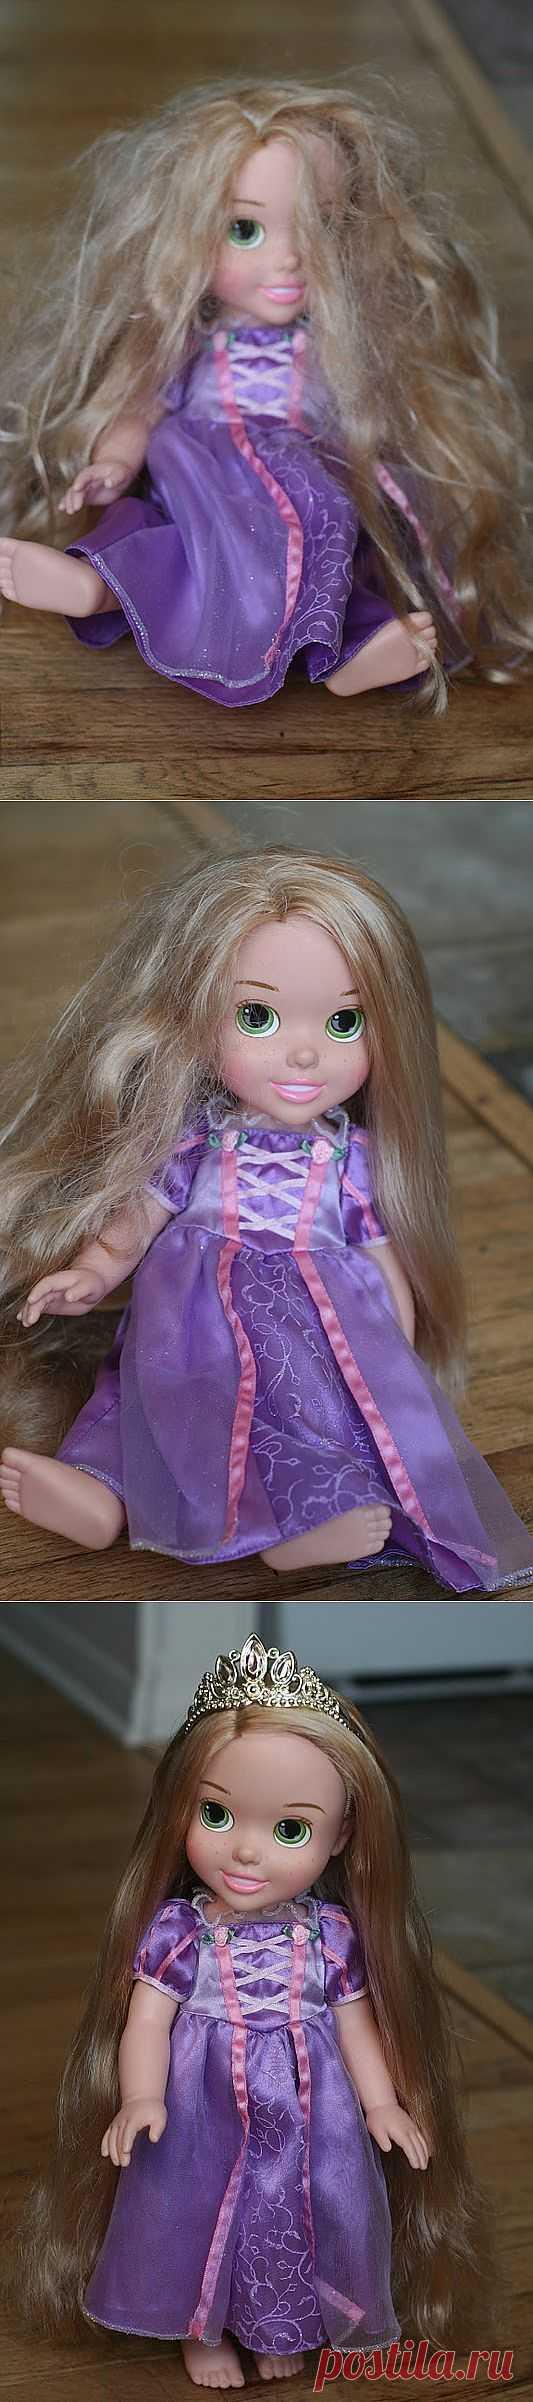 Как расчесать Рапунцель? (Diy) / Детская комната / Модный сайт о стильной переделке одежды и интерьера